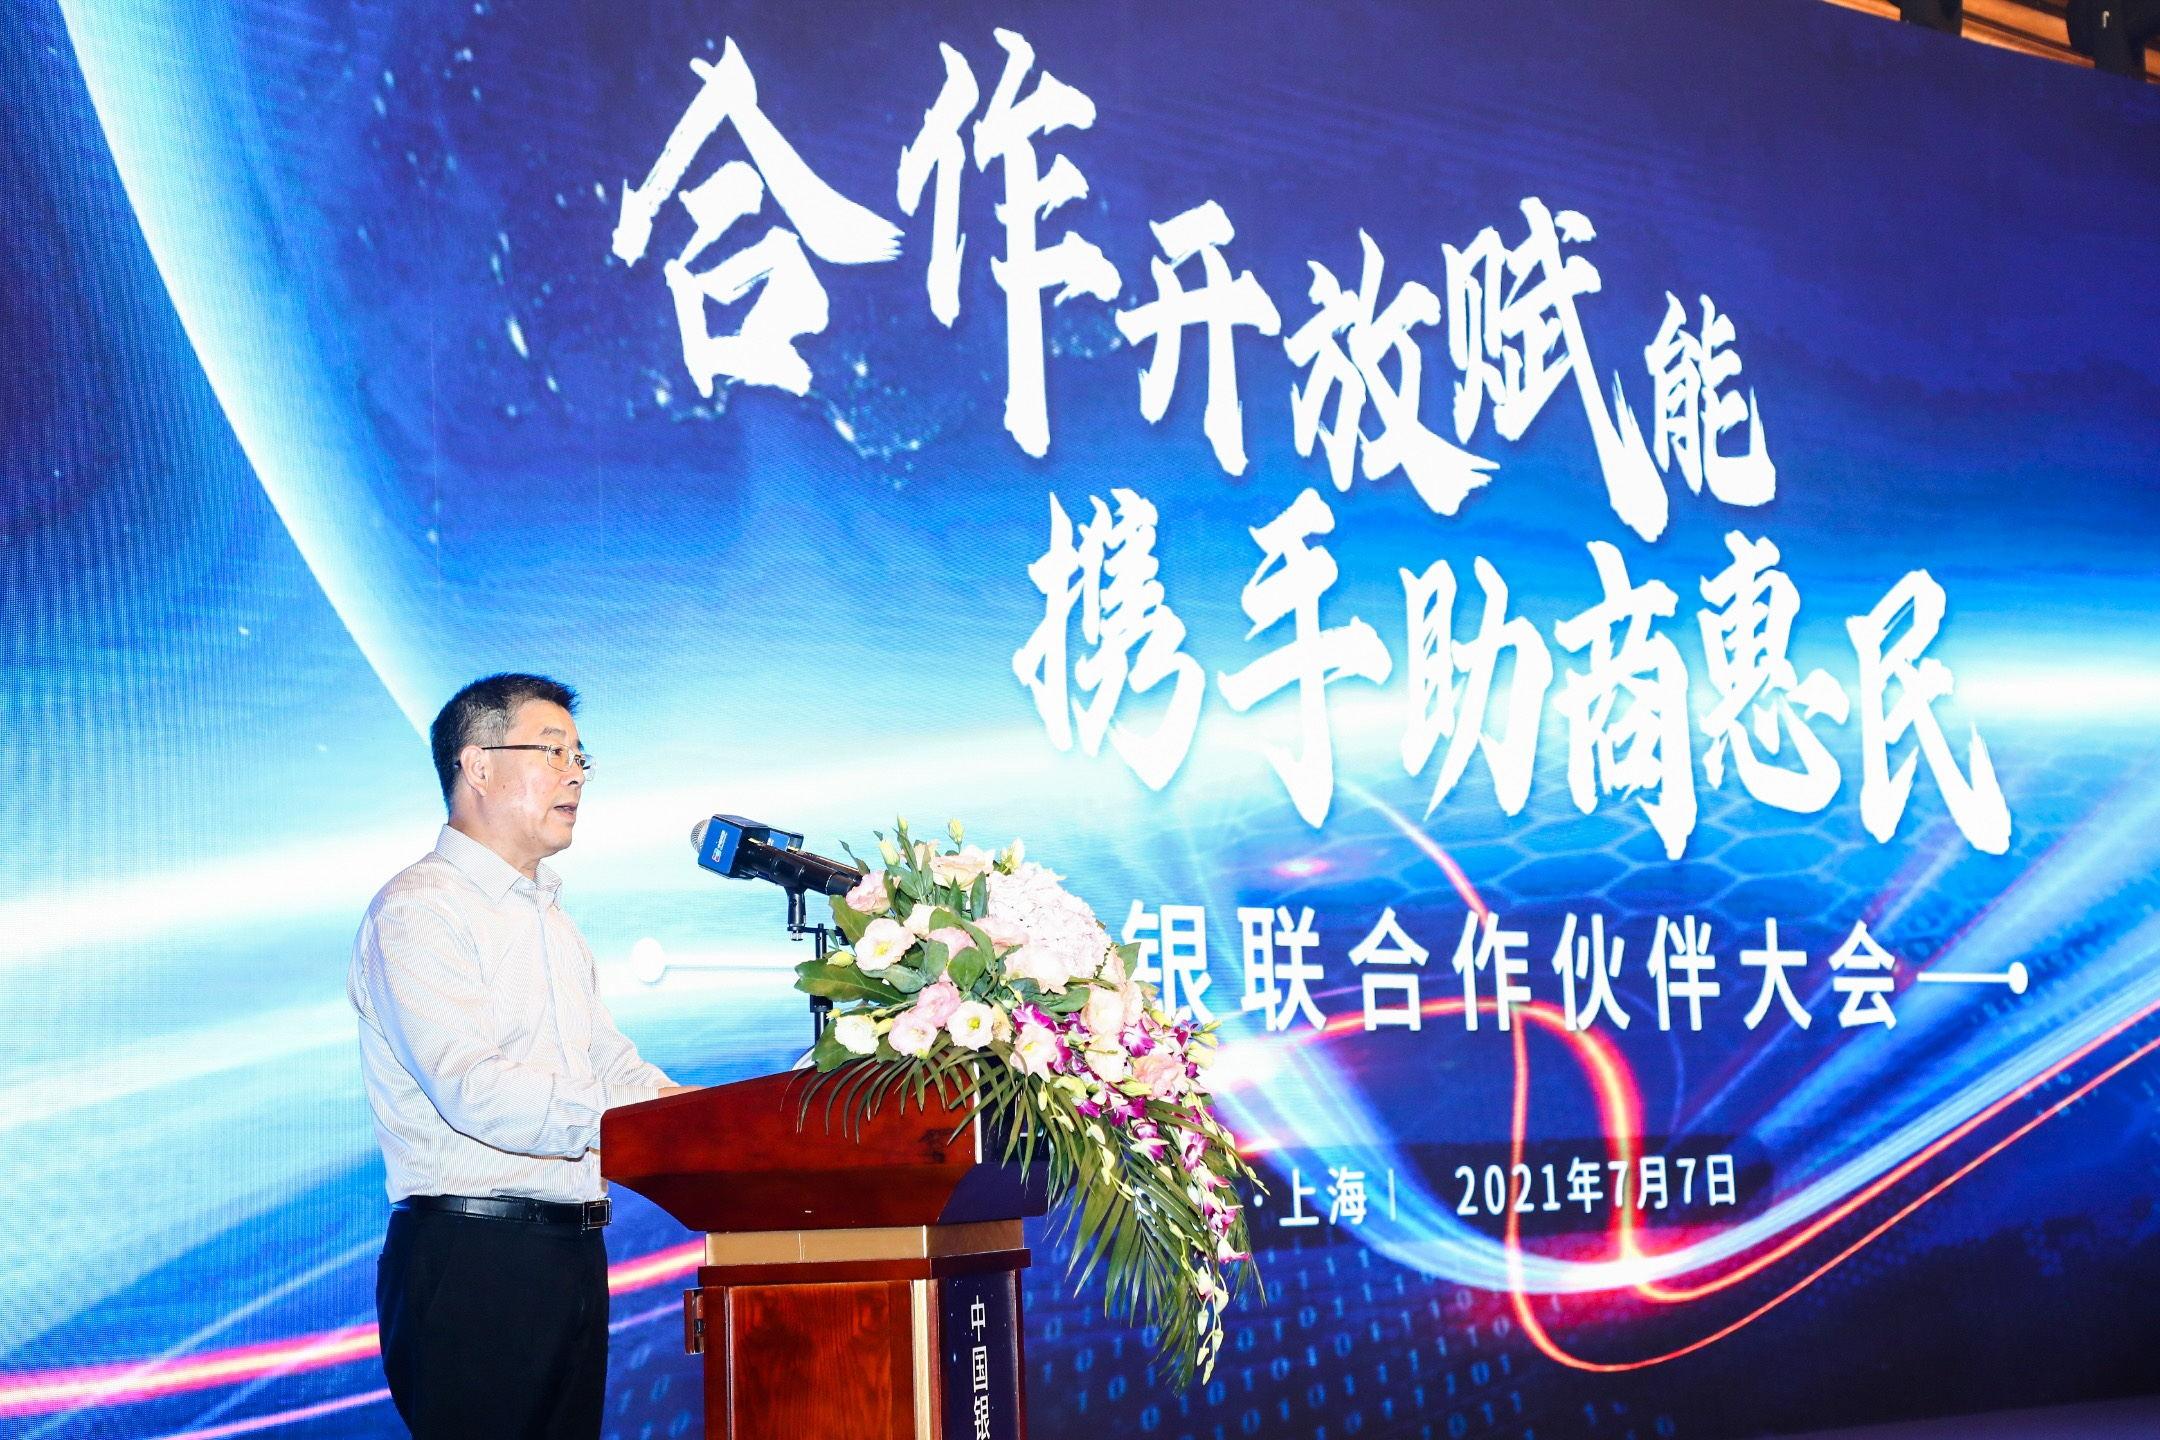 2021年银联合作伙伴大会召开